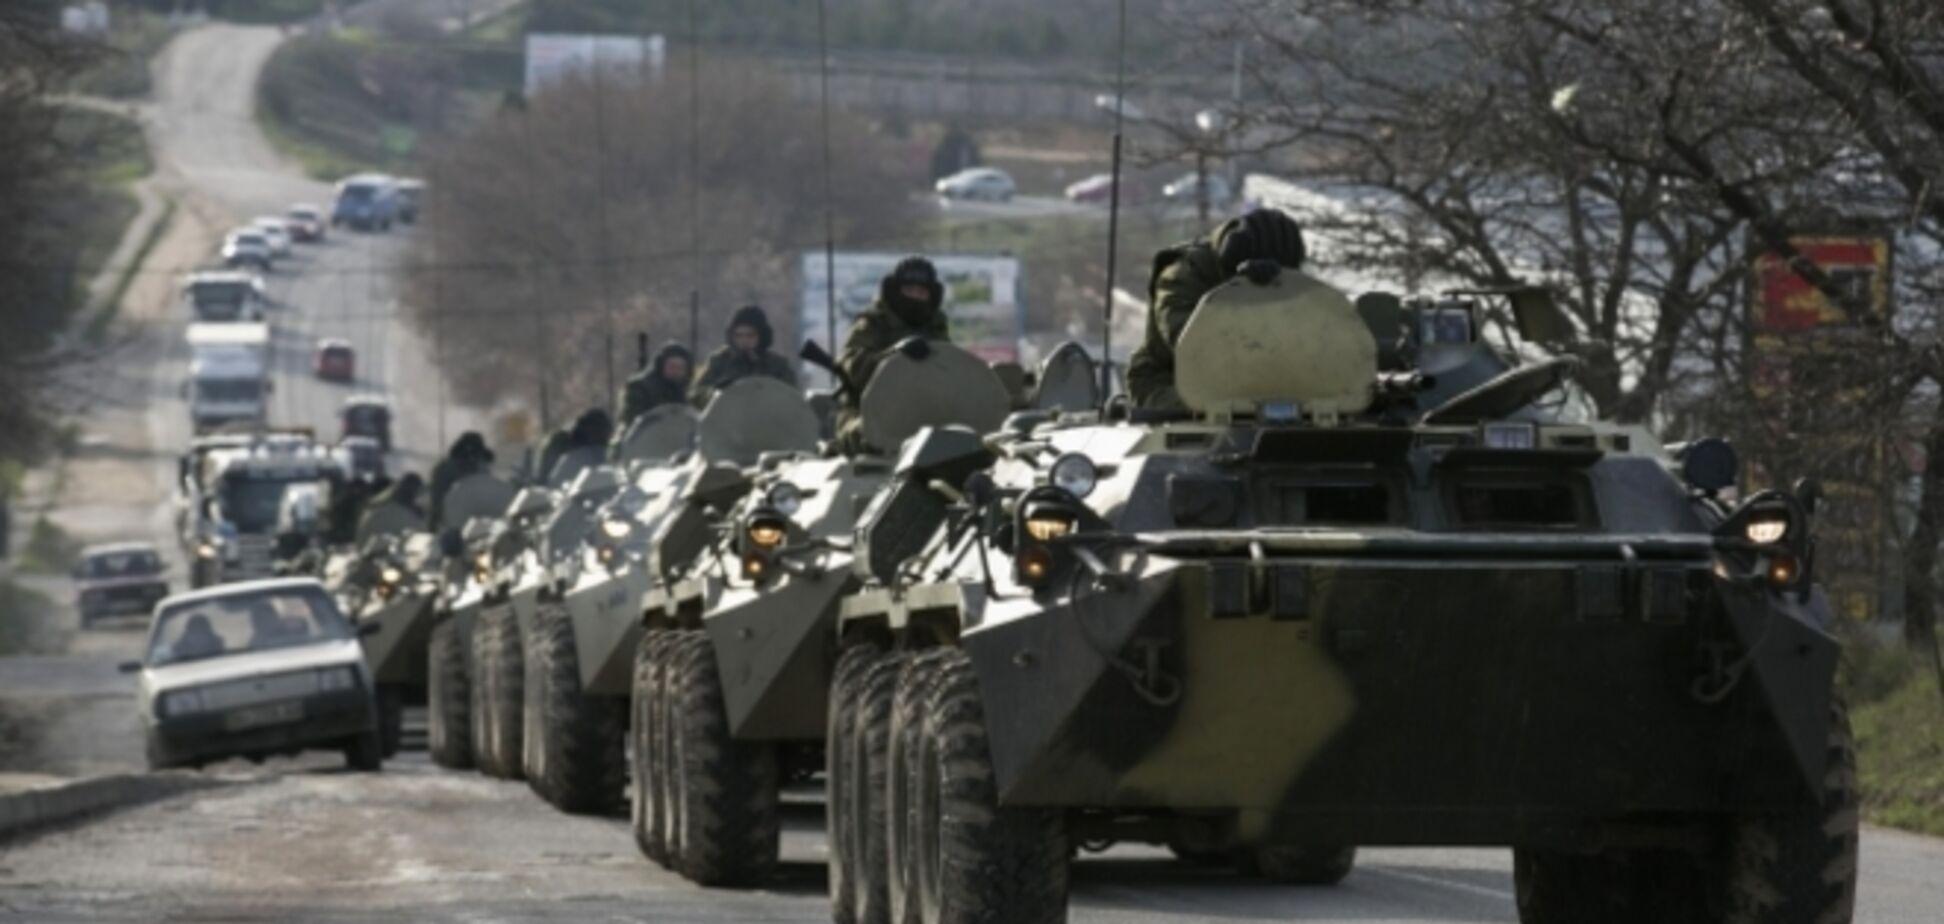 К границе Украины движутся колонны техники с номерами военных округов РФ